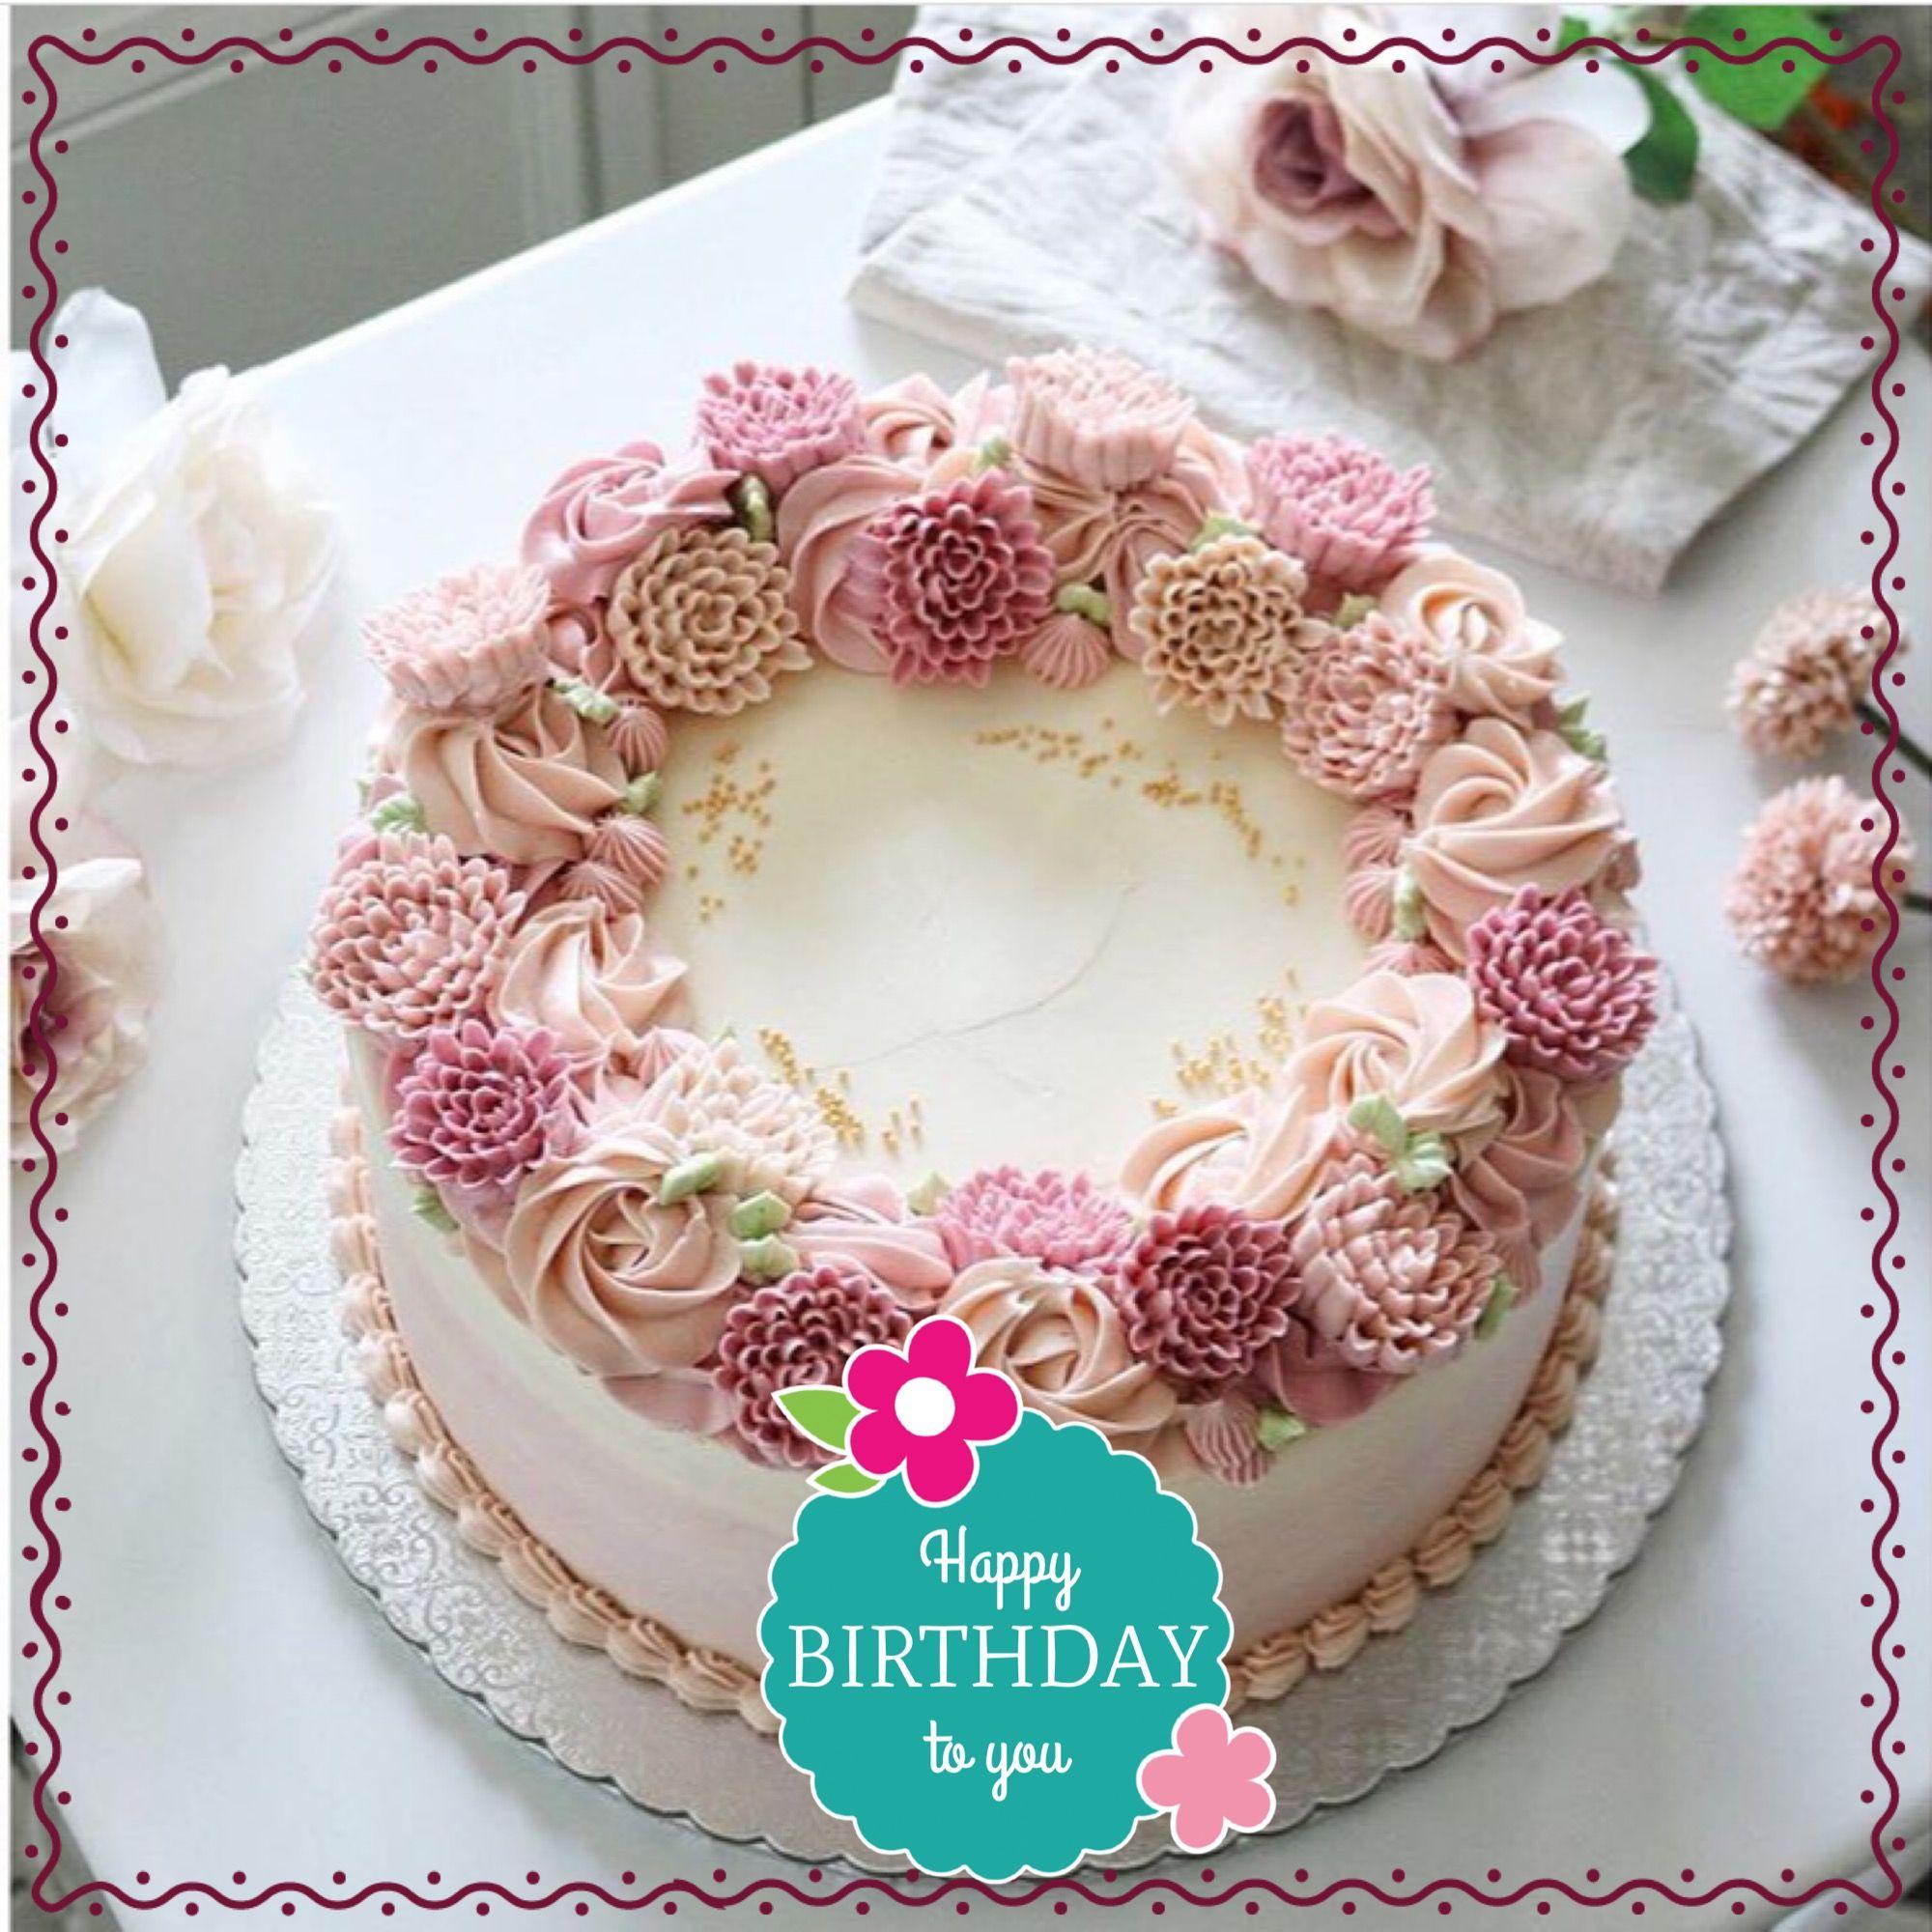 Pin by regina adiati on Happy Birthday Pinterest Happy birthday